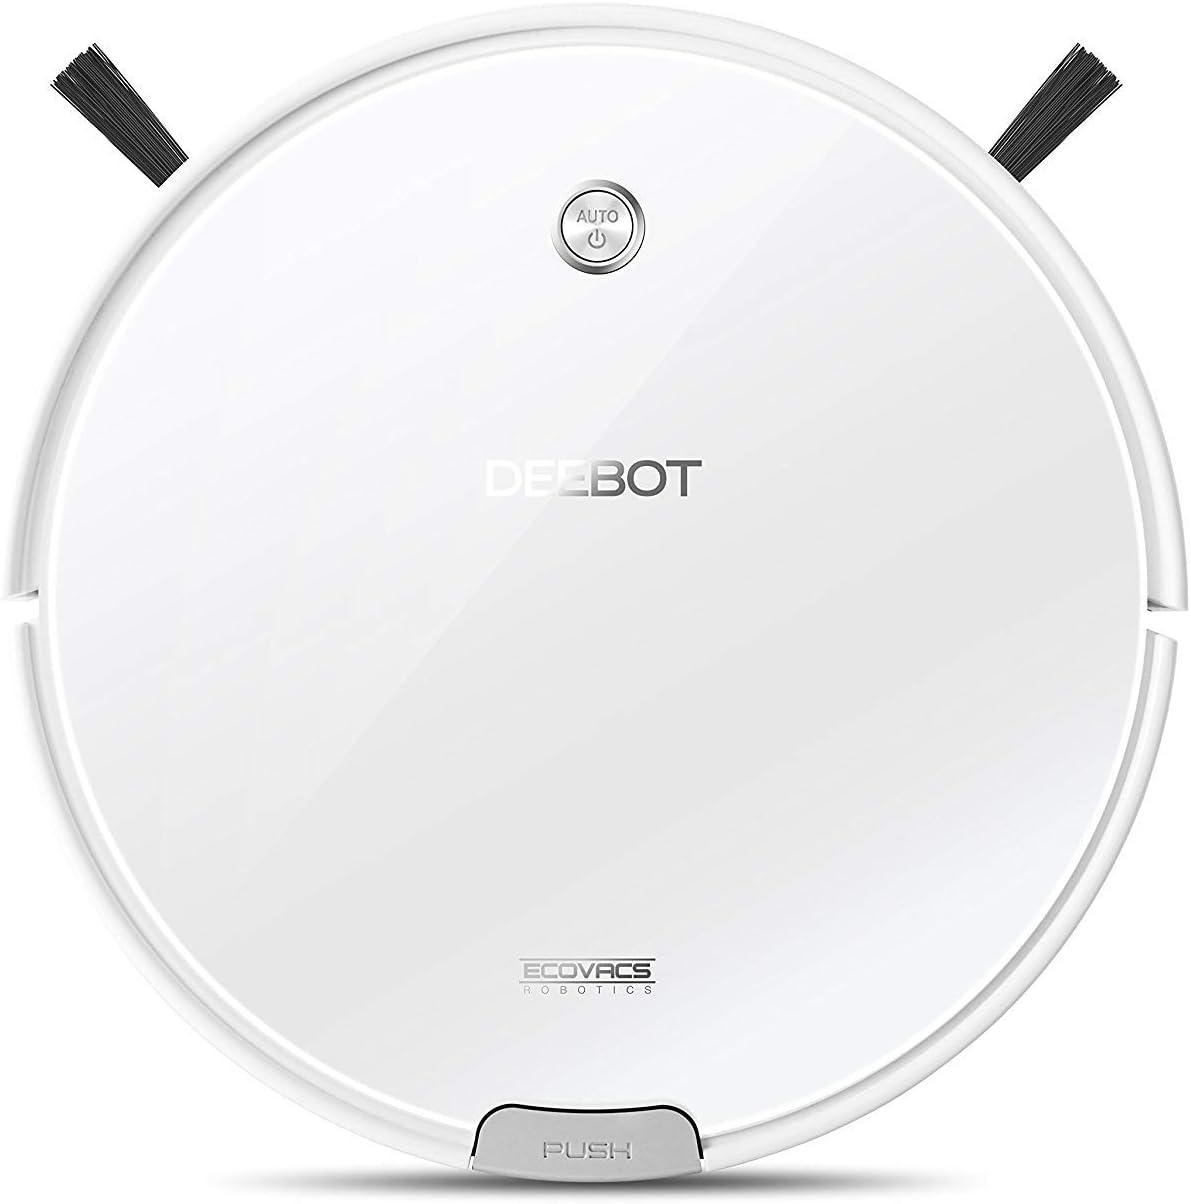 Ecovacs DM82 Robot limpiador de pisos, 11 W, 0.45 litros, 56 Decibelios, Otro, Blanco: Amazon.es: Hogar